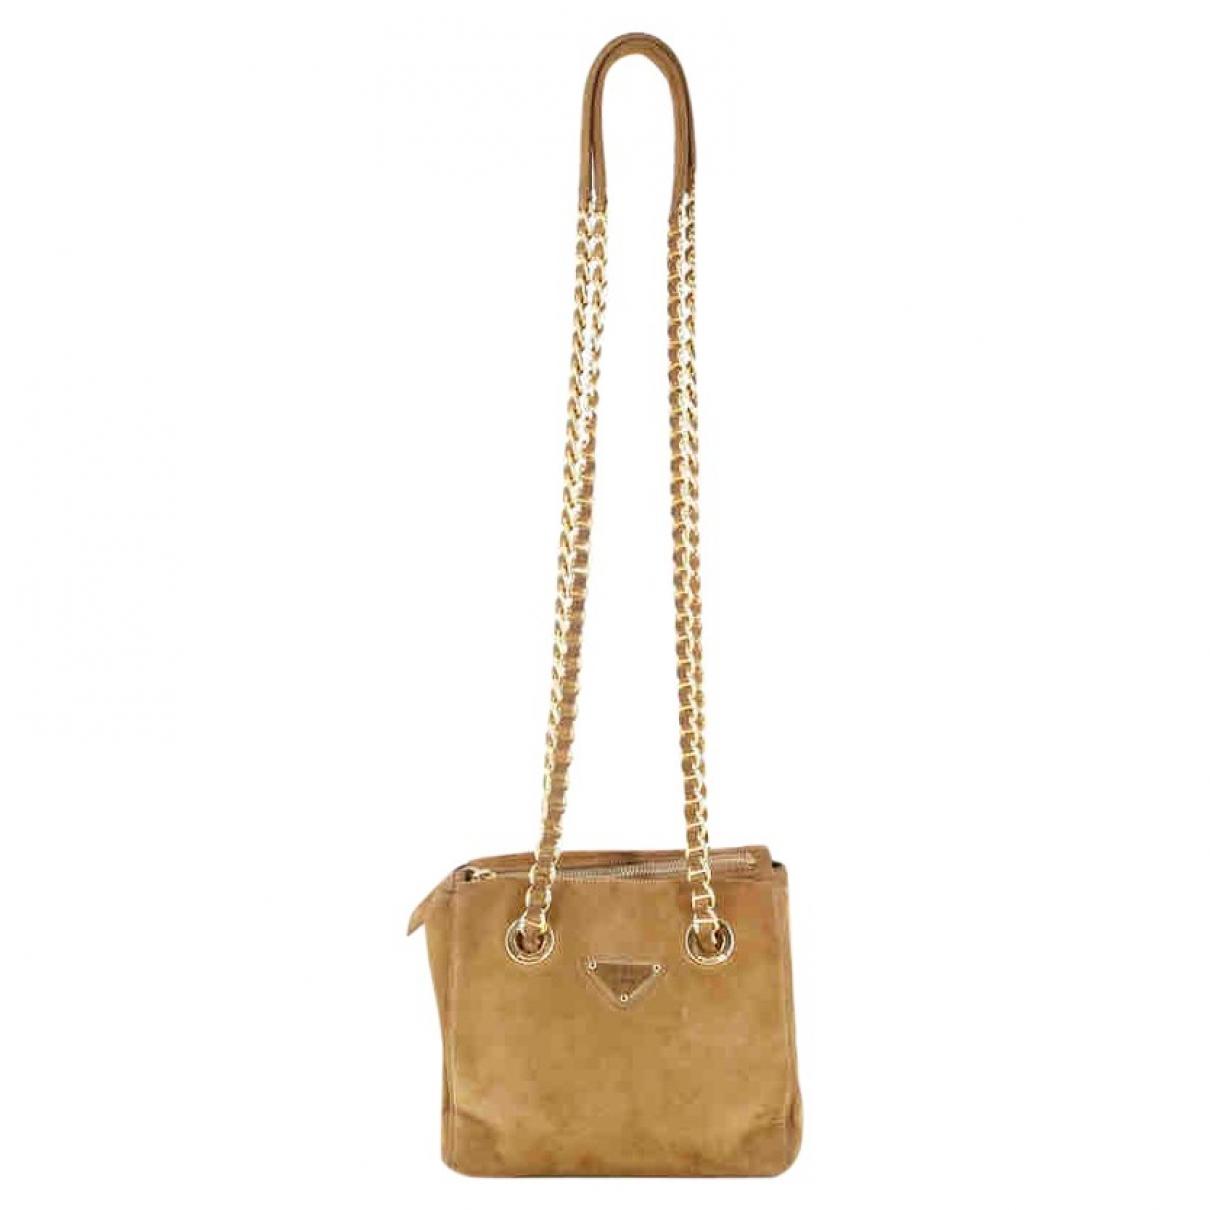 Prada \N Beige Suede handbag for Women \N